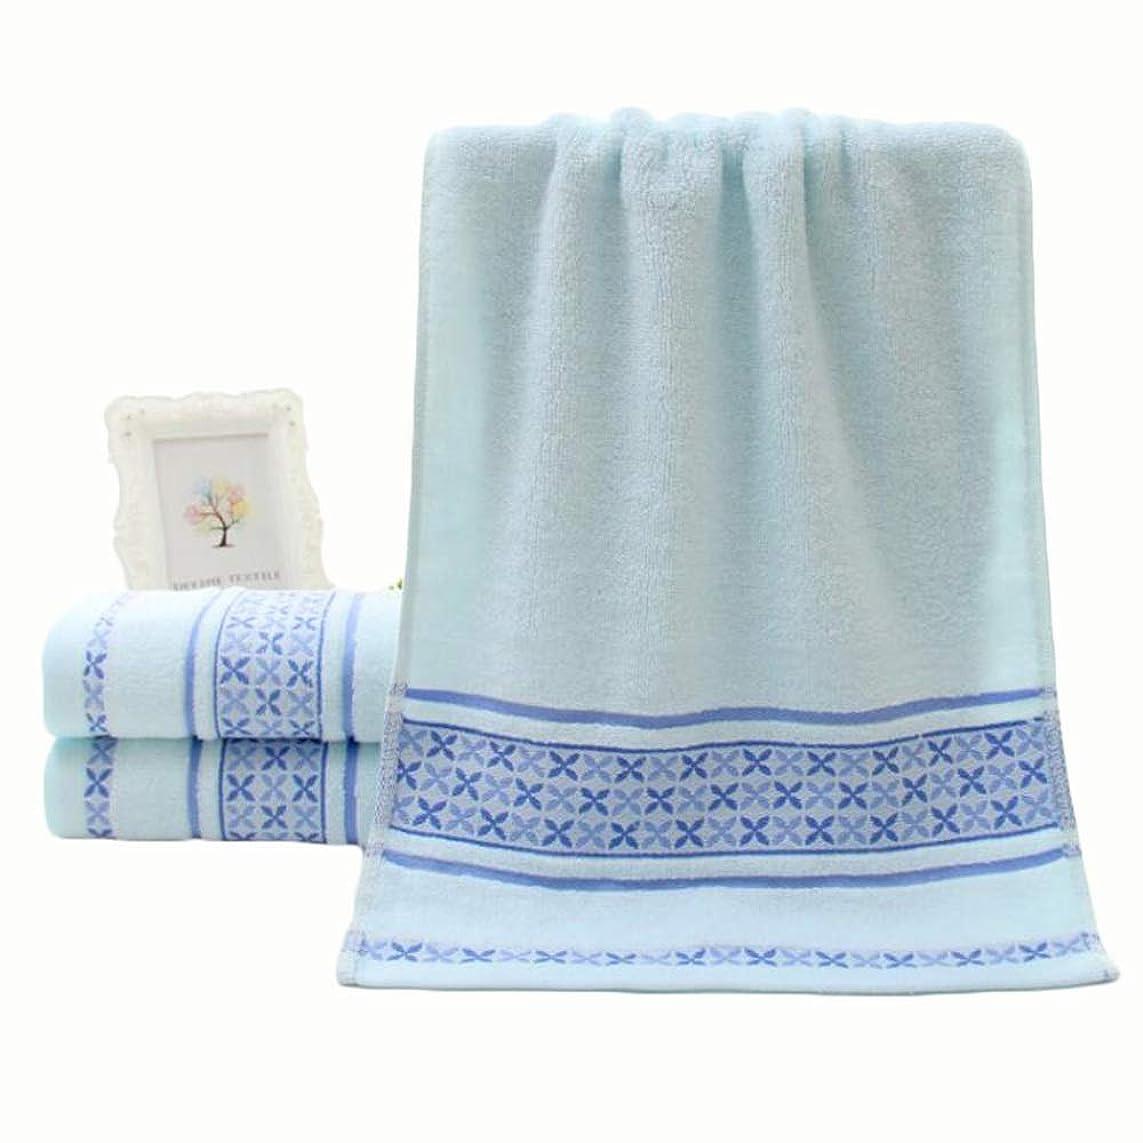 ピボット親密な九時四十五分CXUNKK 2PCS / LOT家庭用綿洗いソフト吸収性ジャカードカップルタオル (Color : Blue)